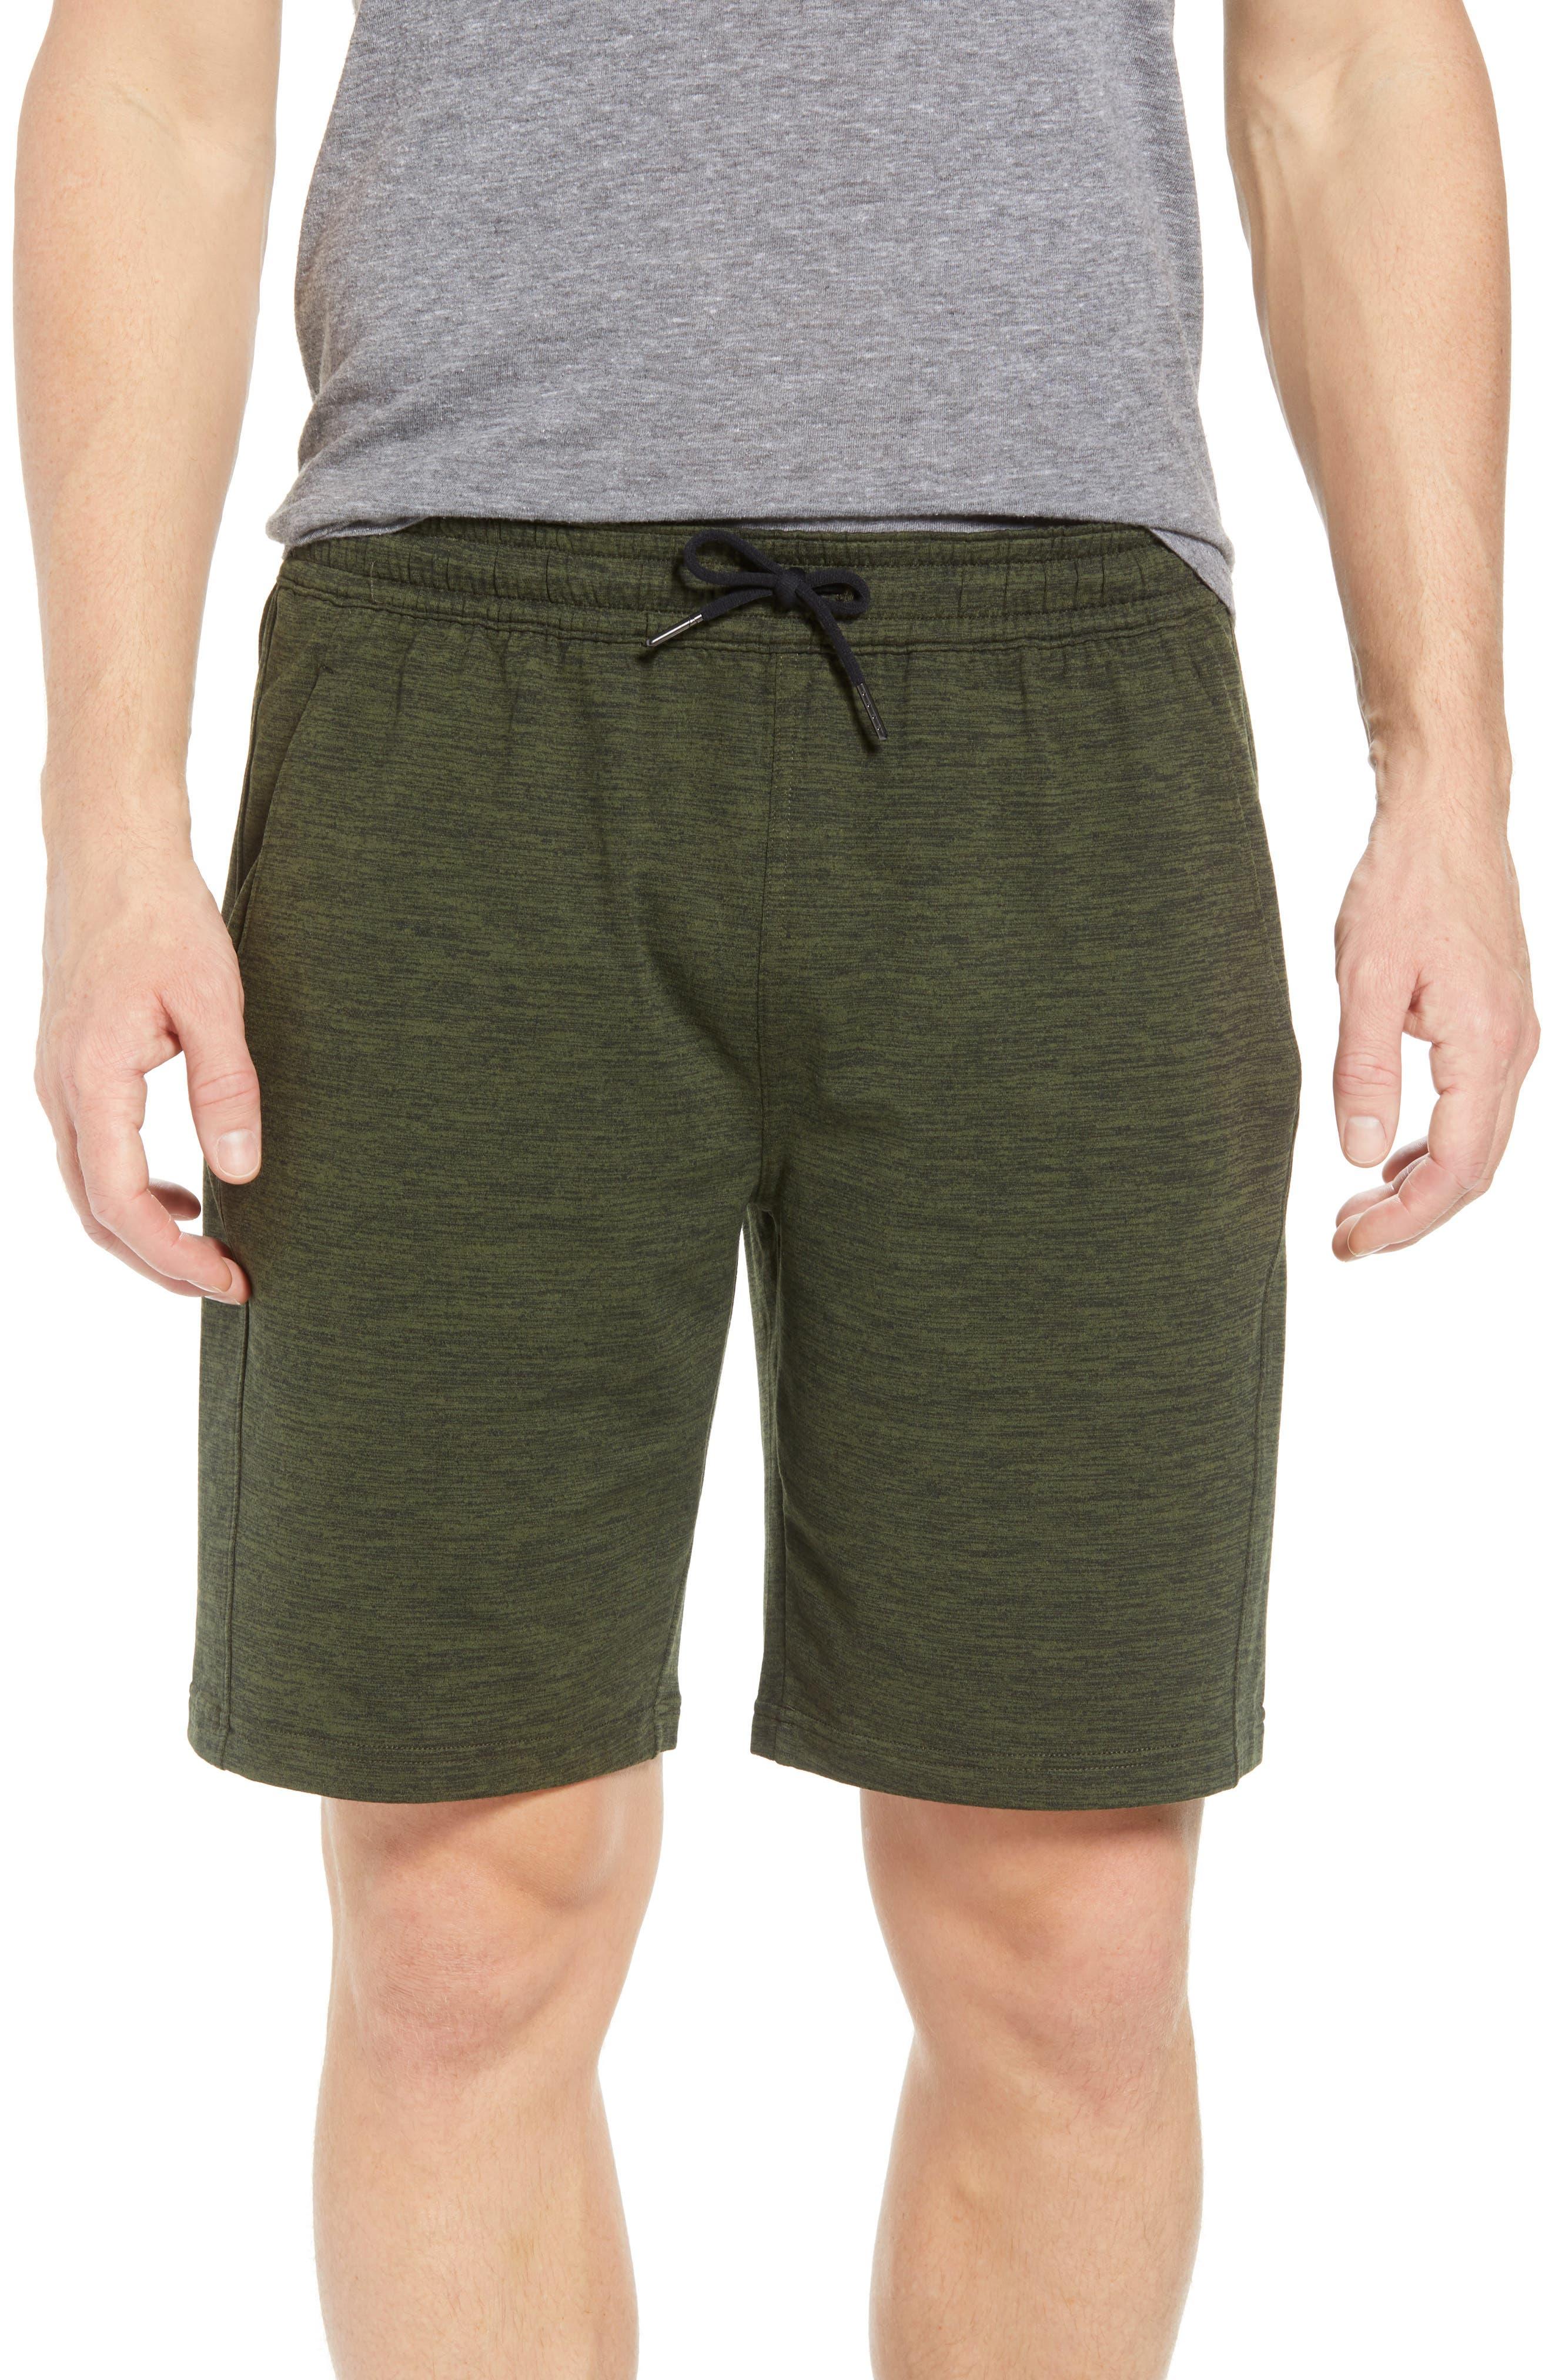 Pyrite Knit Shorts,                             Main thumbnail 2, color,